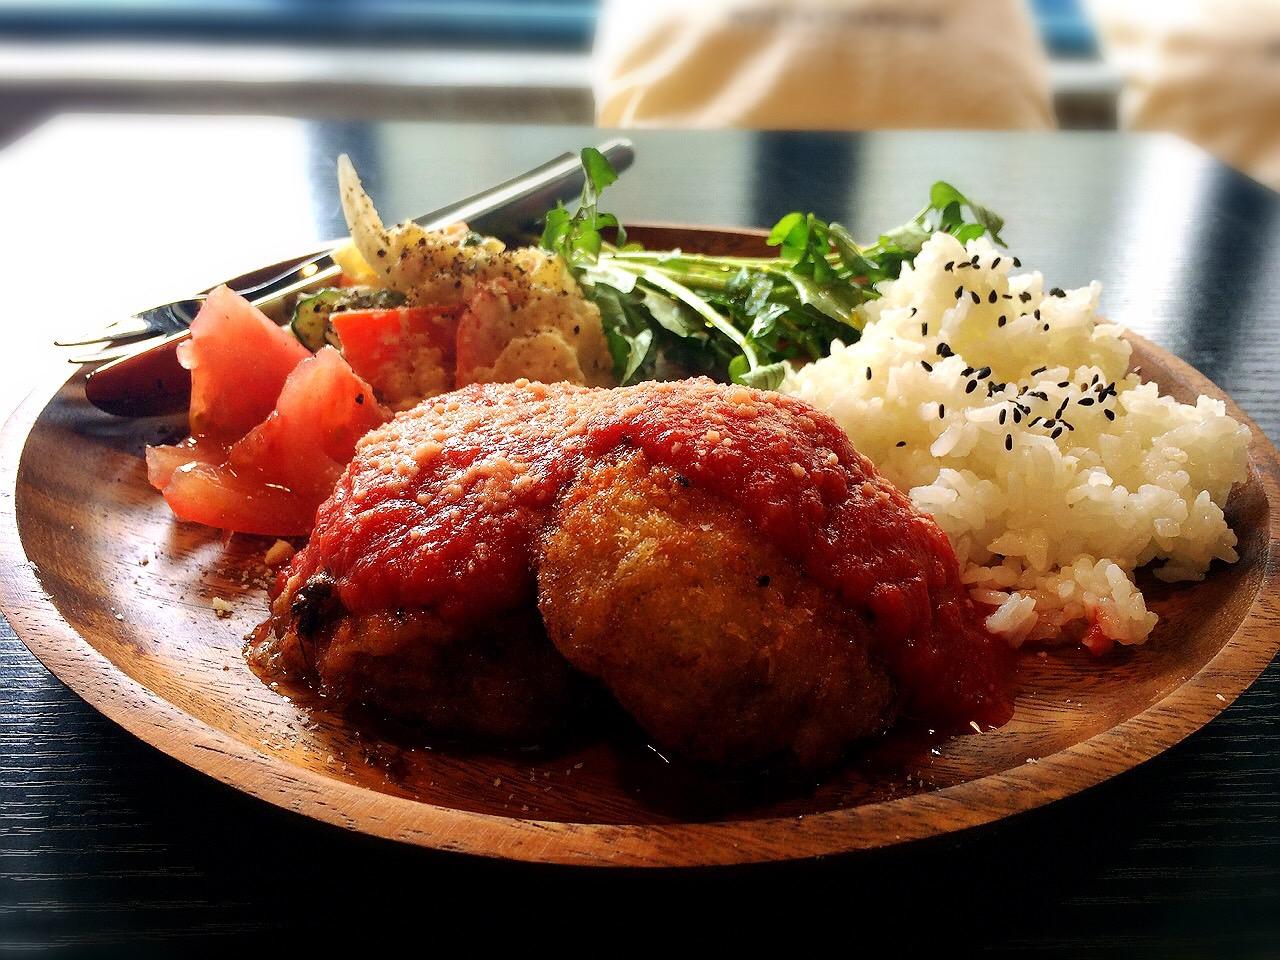 野菜たっぷり「プロパガンダ」のランチは下北沢デートに追加決定